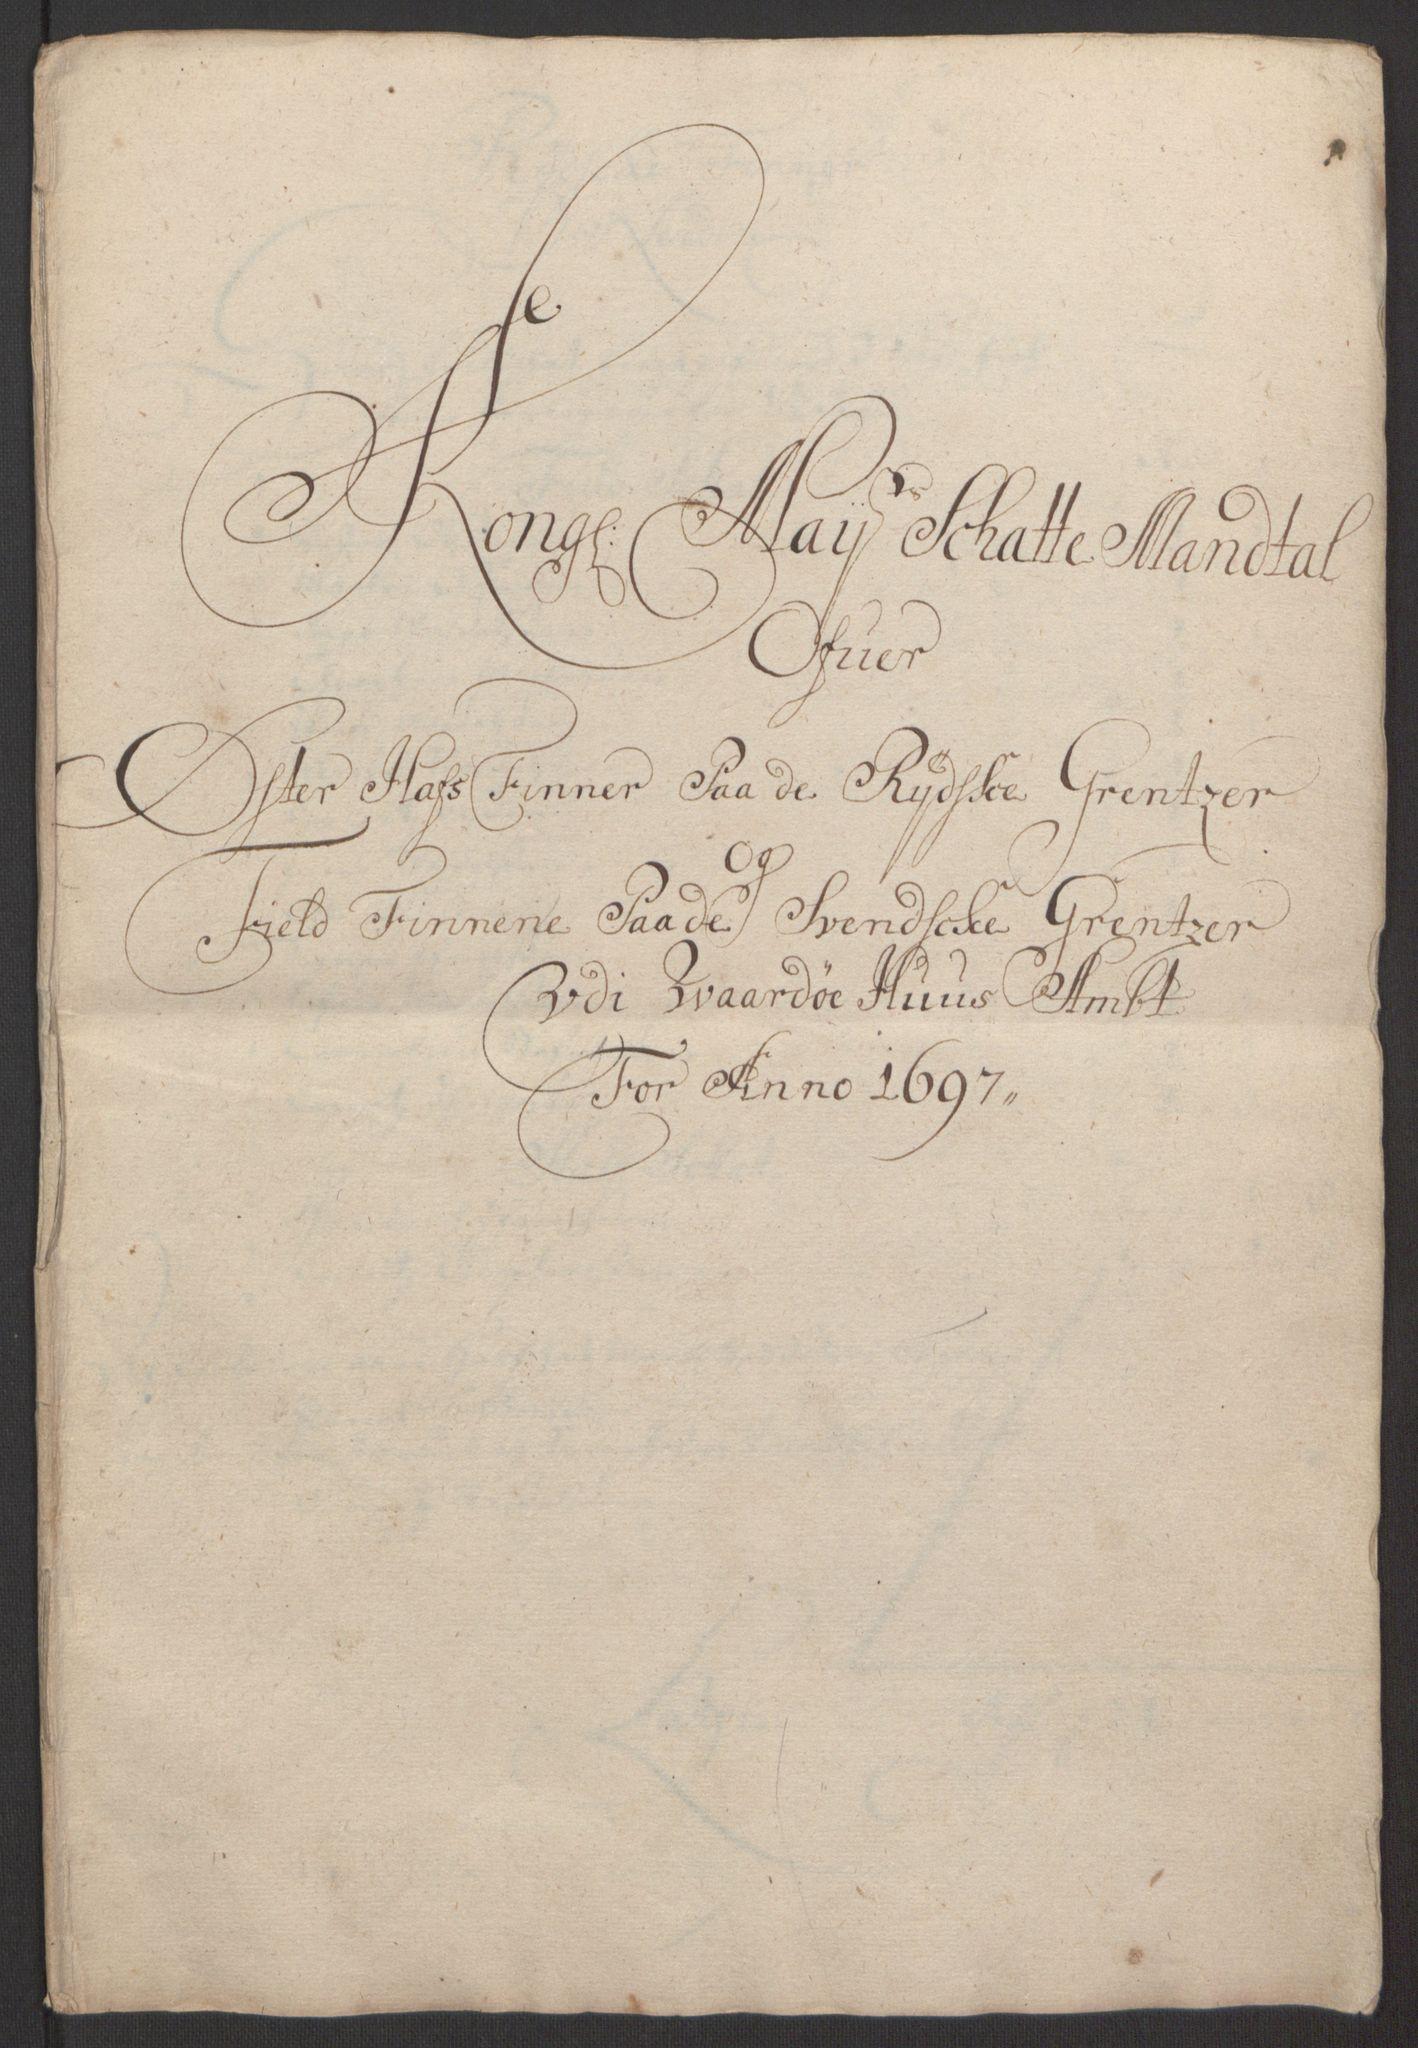 RA, Rentekammeret inntil 1814, Reviderte regnskaper, Fogderegnskap, R69/L4851: Fogderegnskap Finnmark/Vardøhus, 1691-1700, s. 298